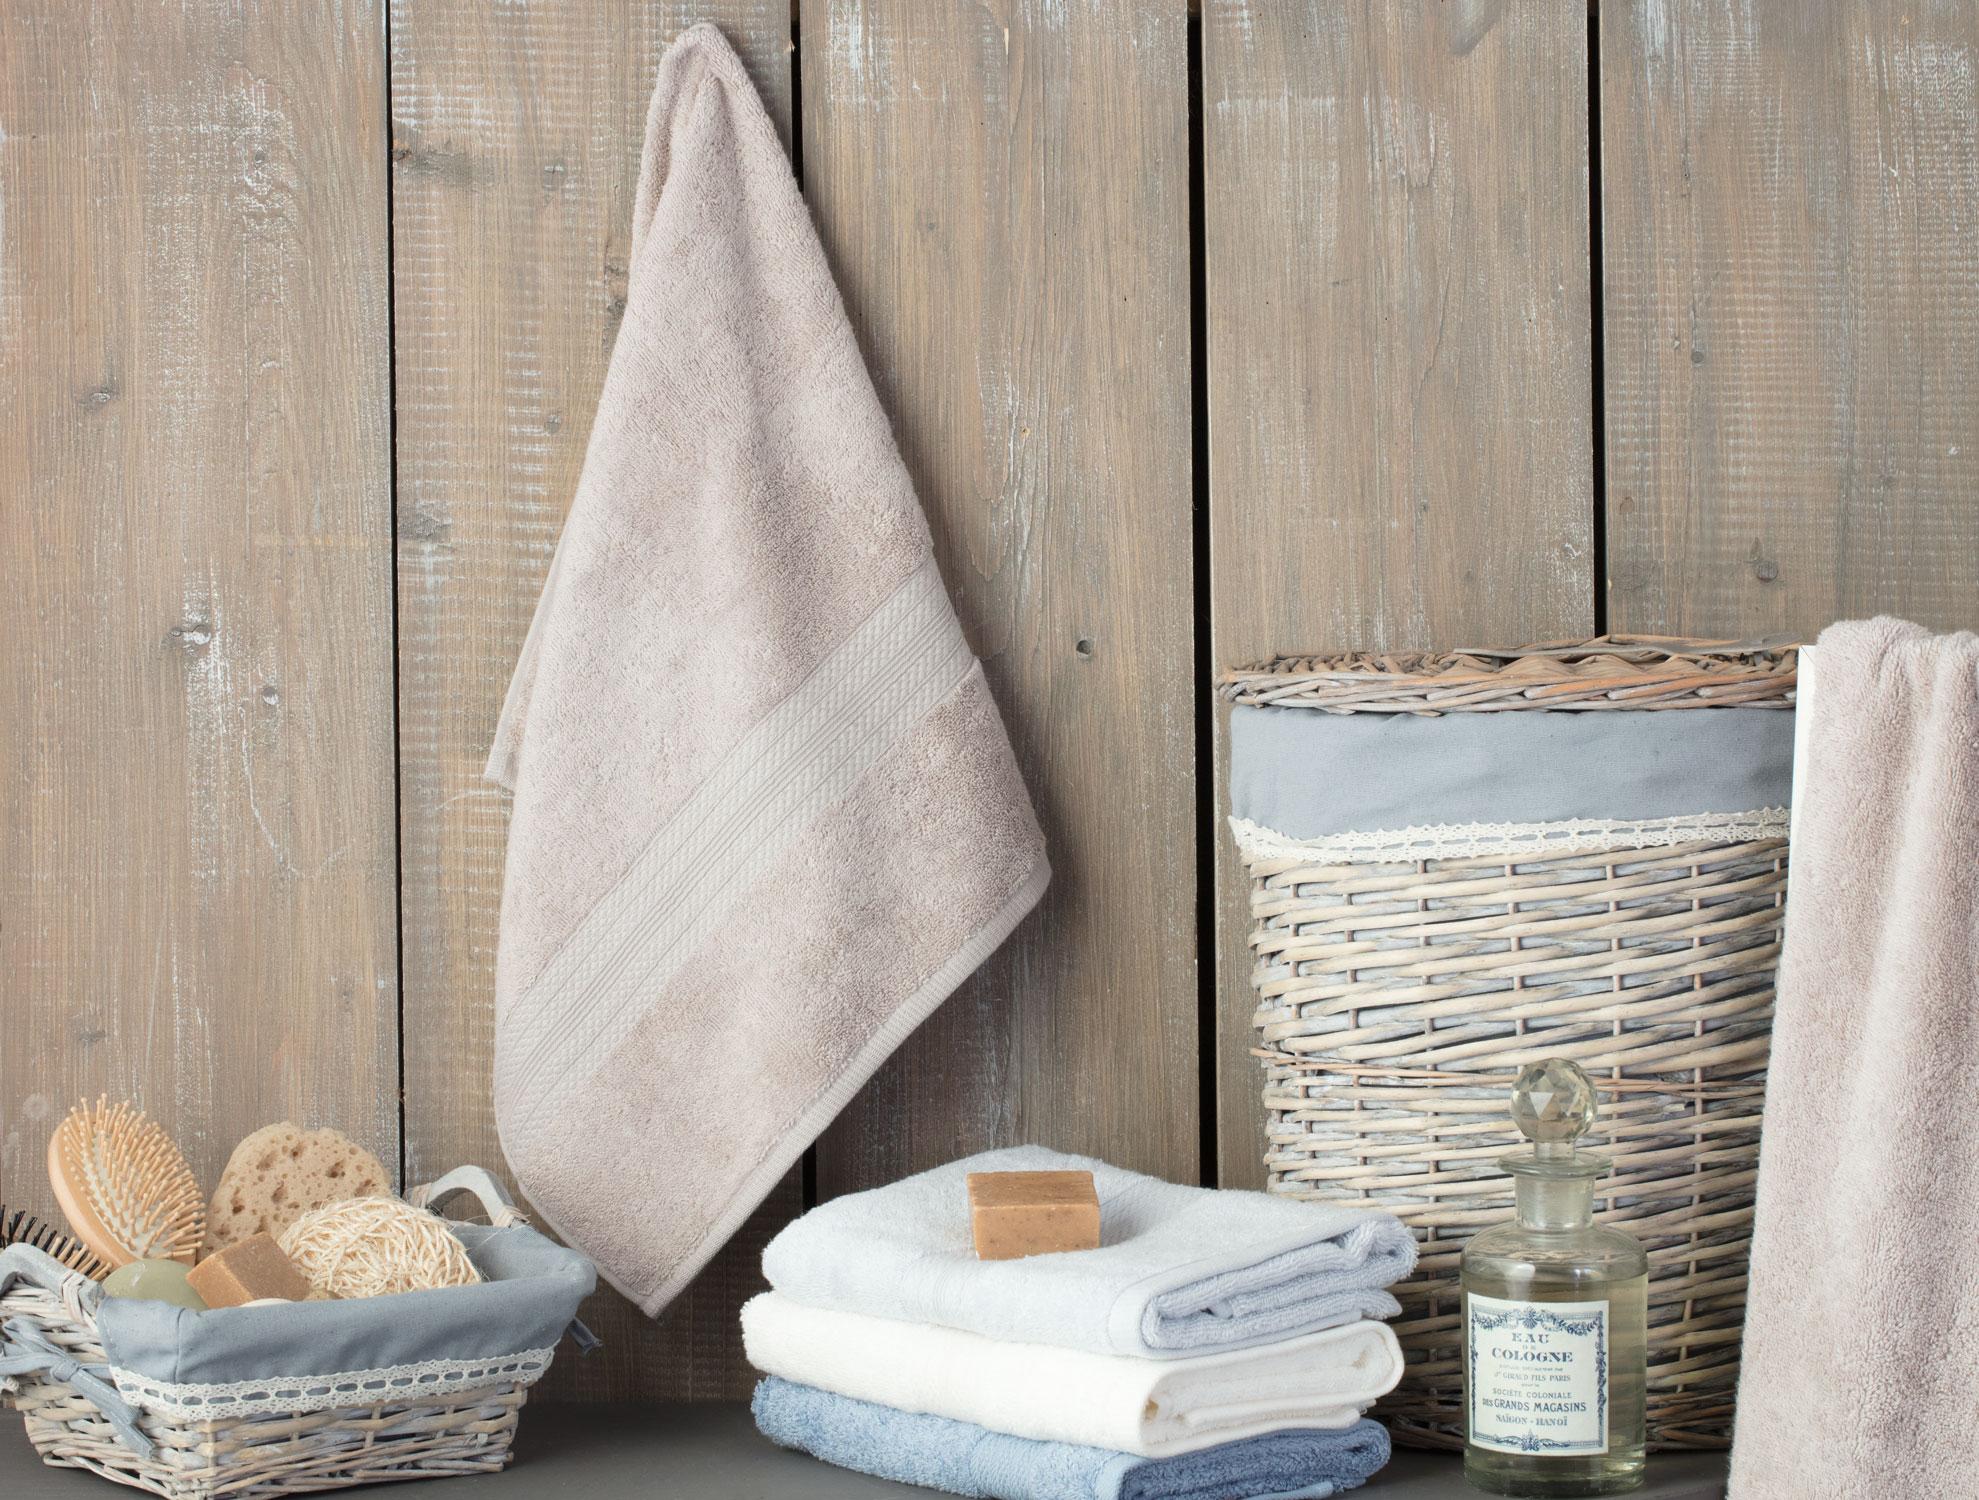 منشفة لليدين قطن 100% - مقاس (50*80) سم - بيج فاتح